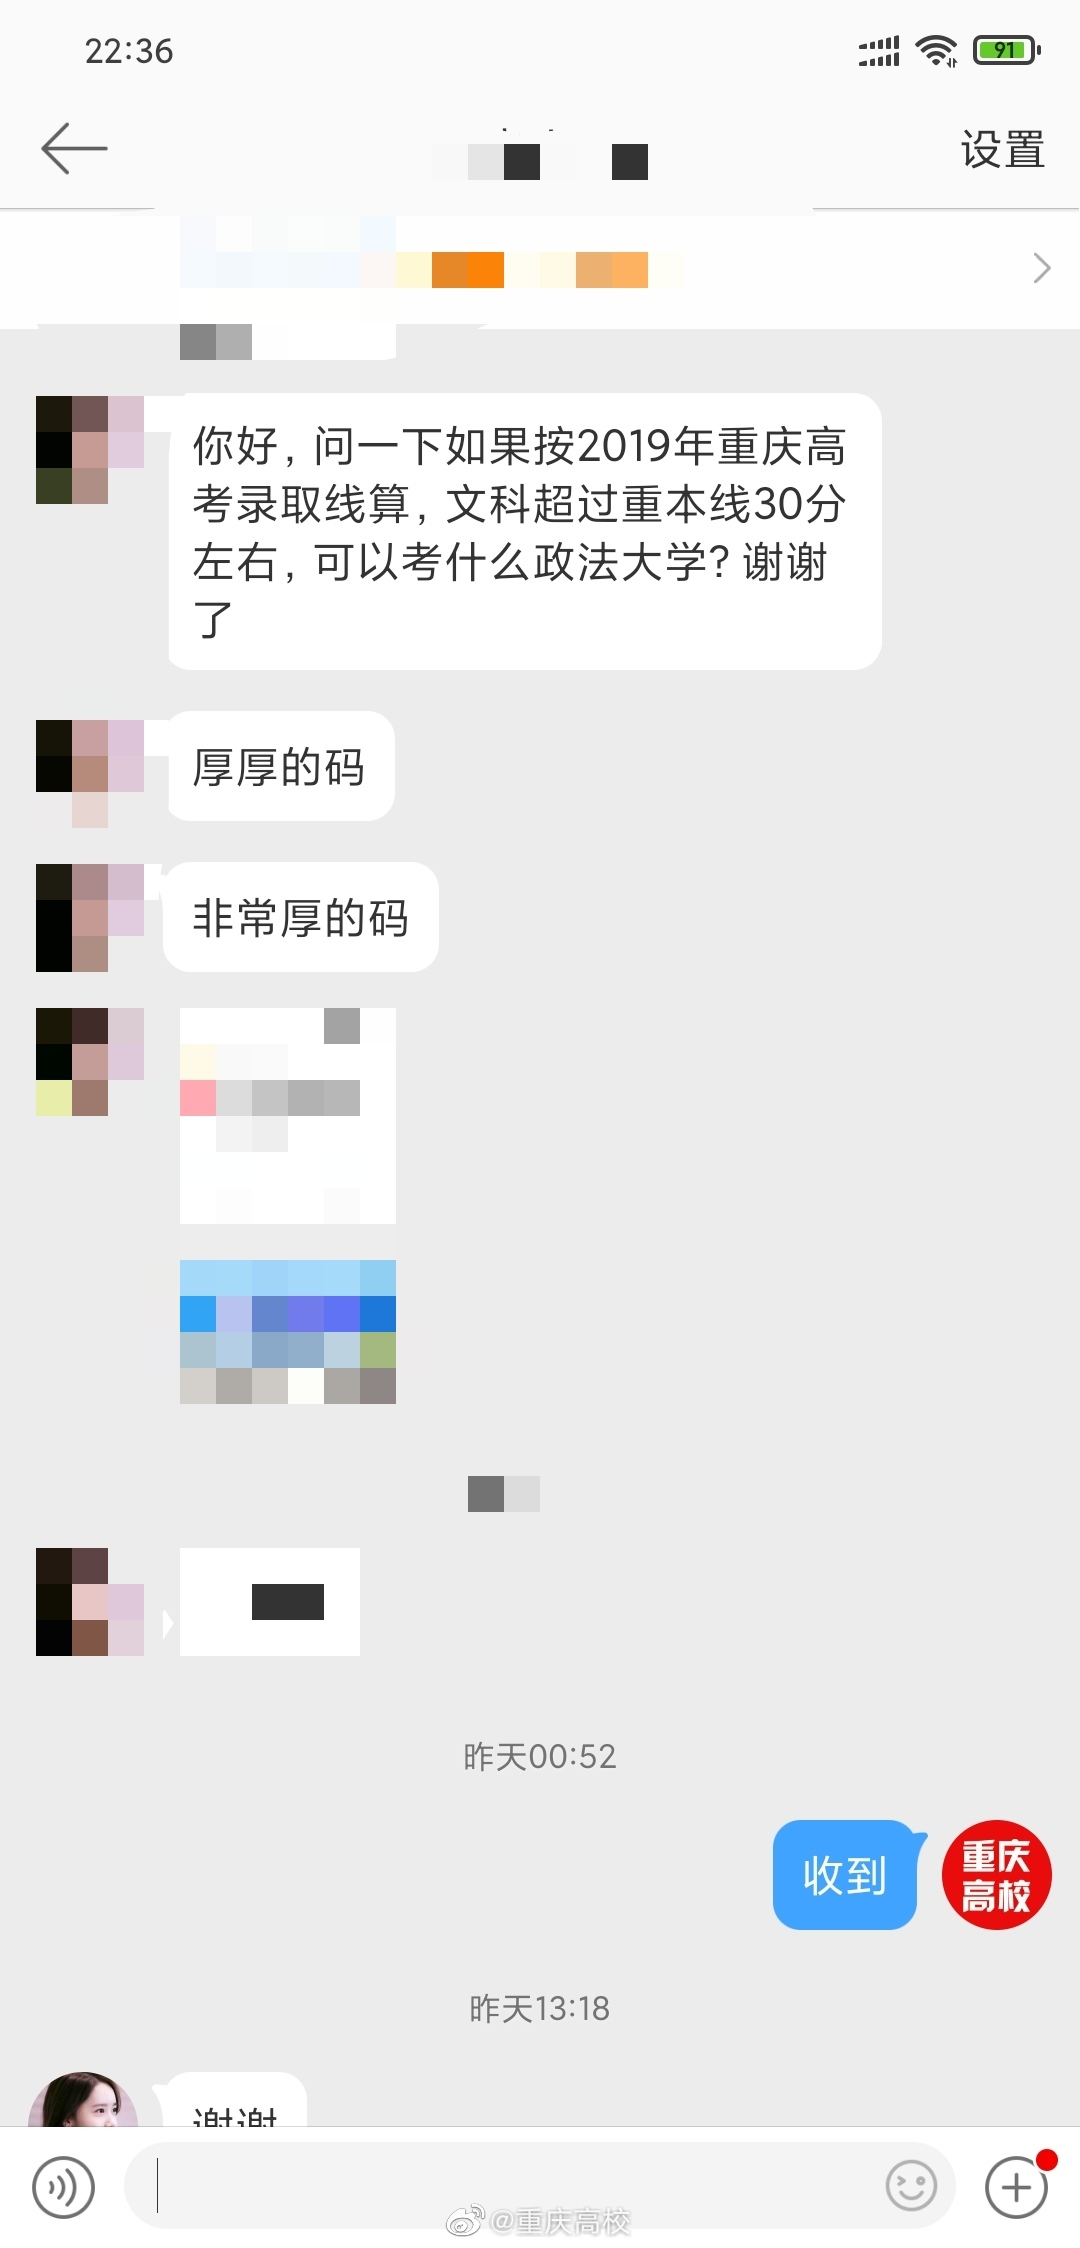 网友求助,问一下如果按2019年重庆高考录取线算